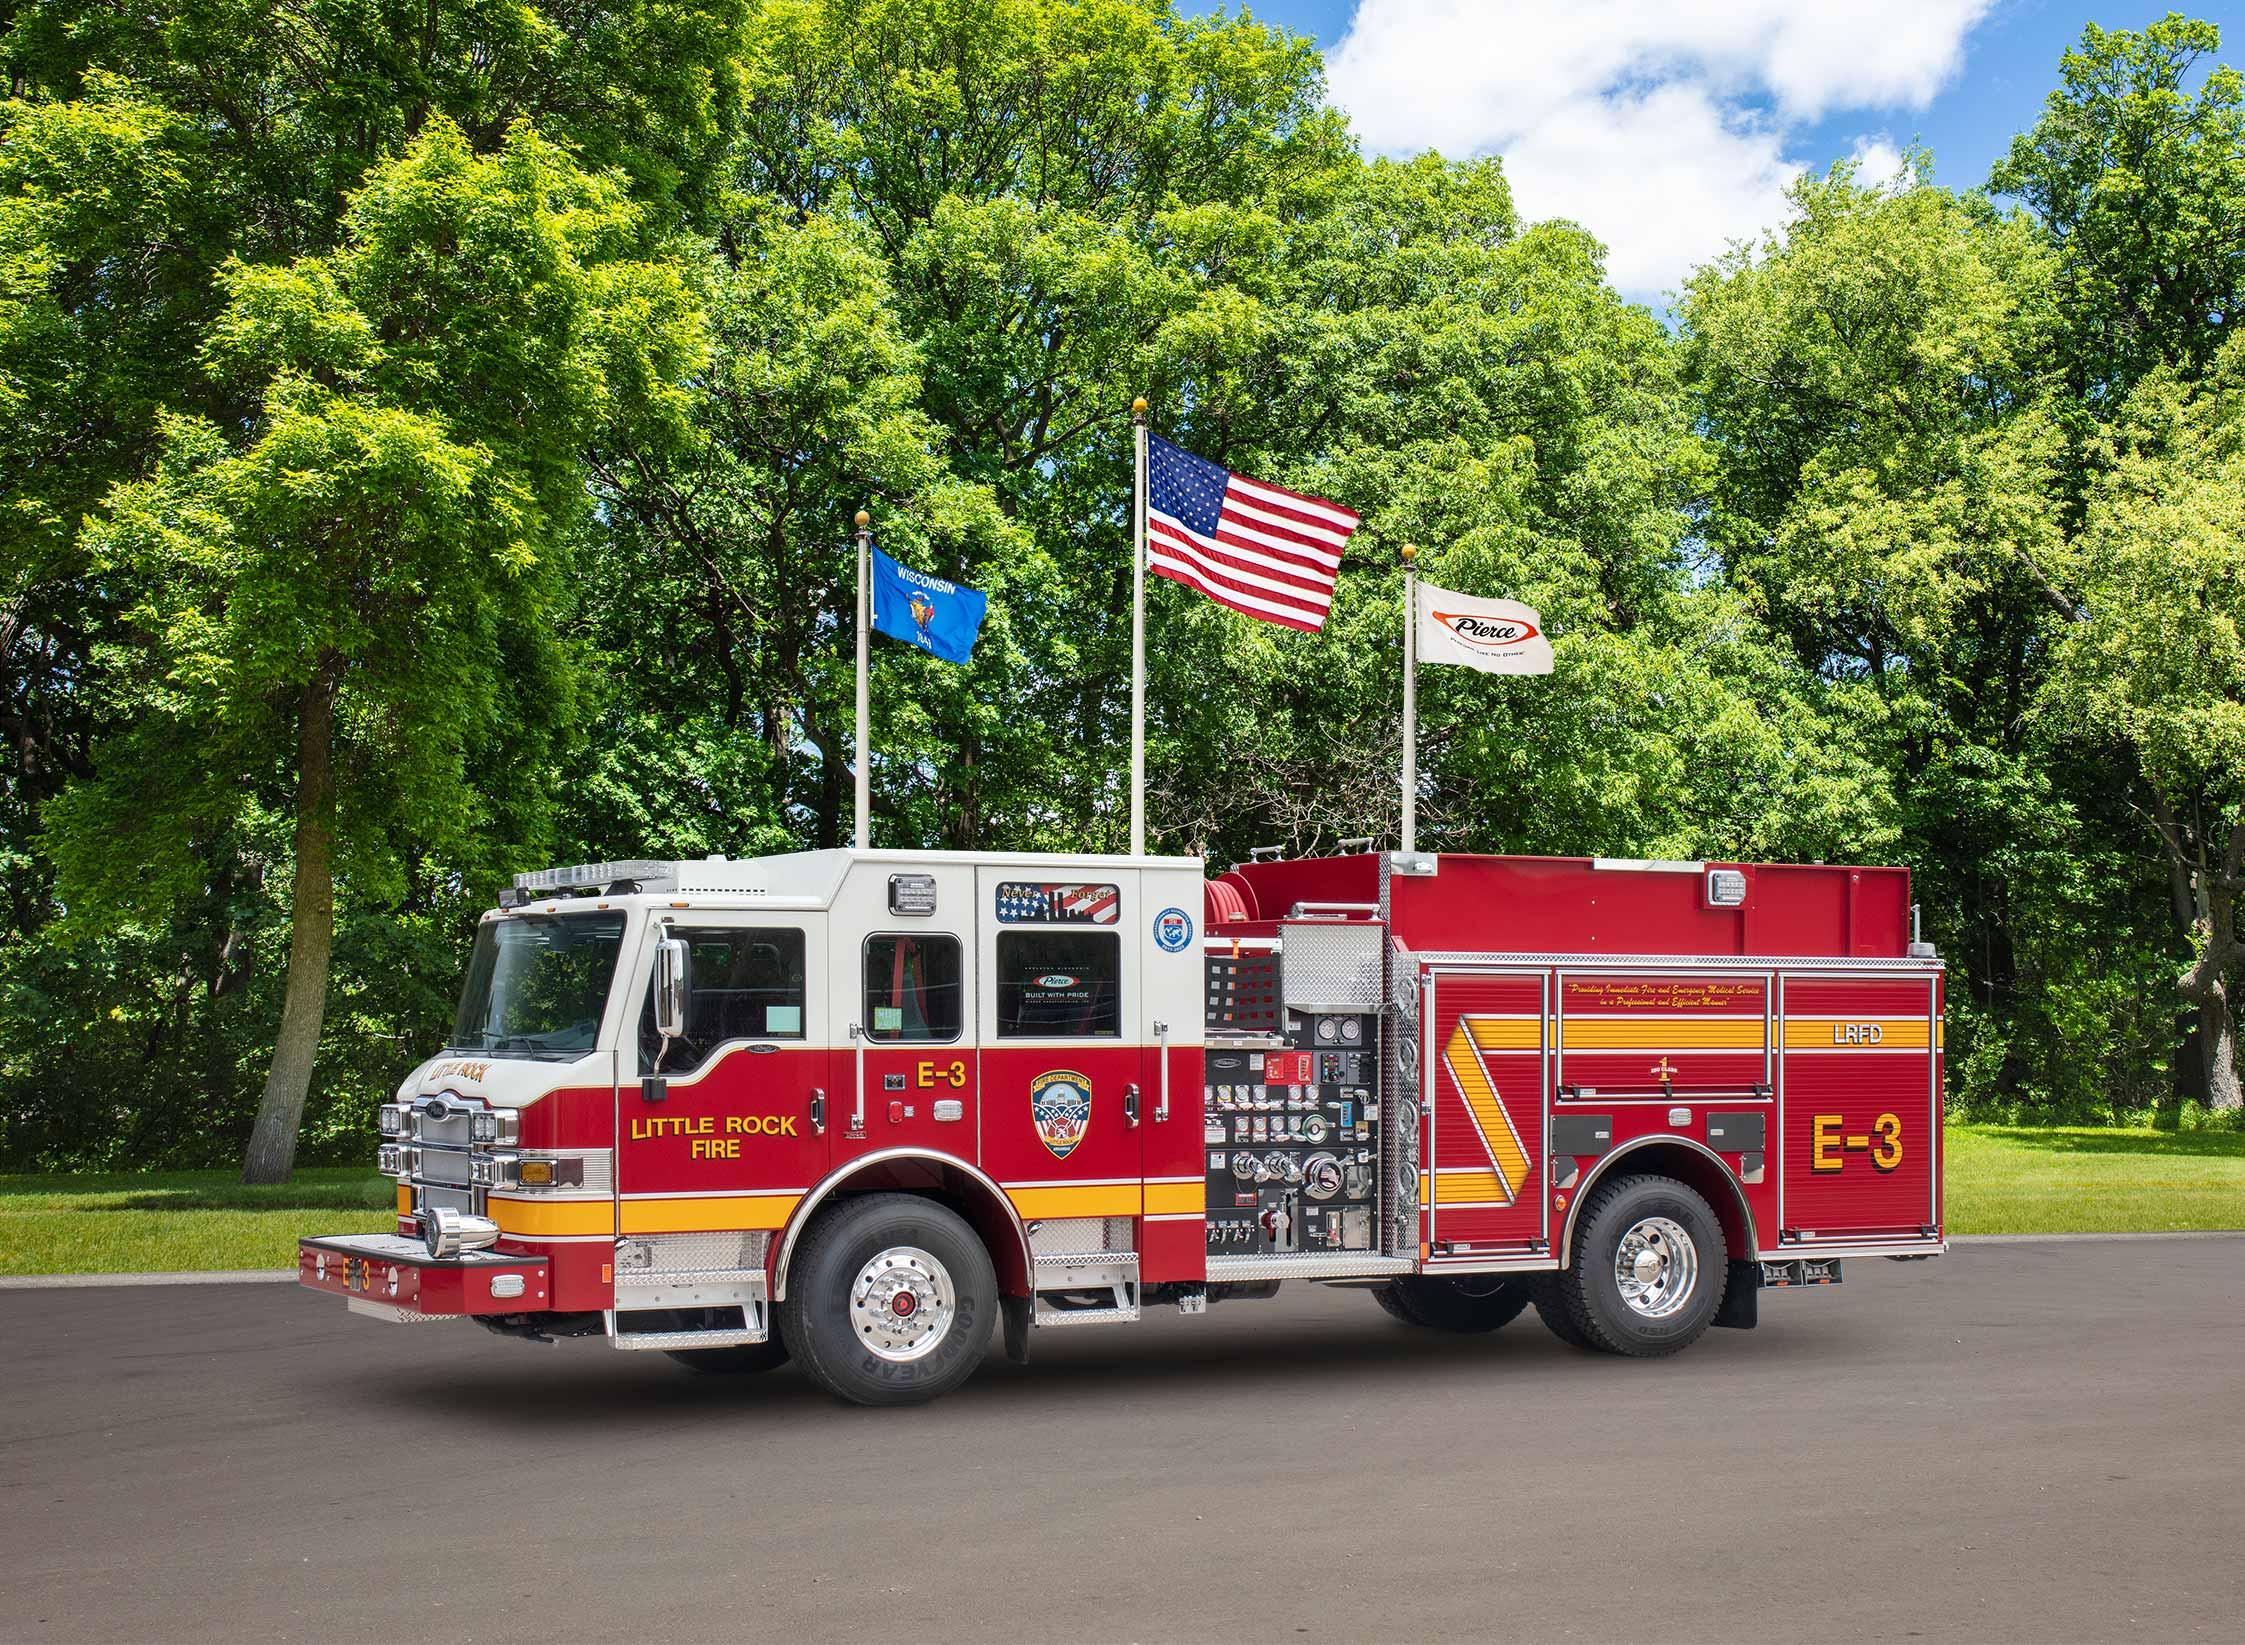 Little Rock Fire Department - Pumper